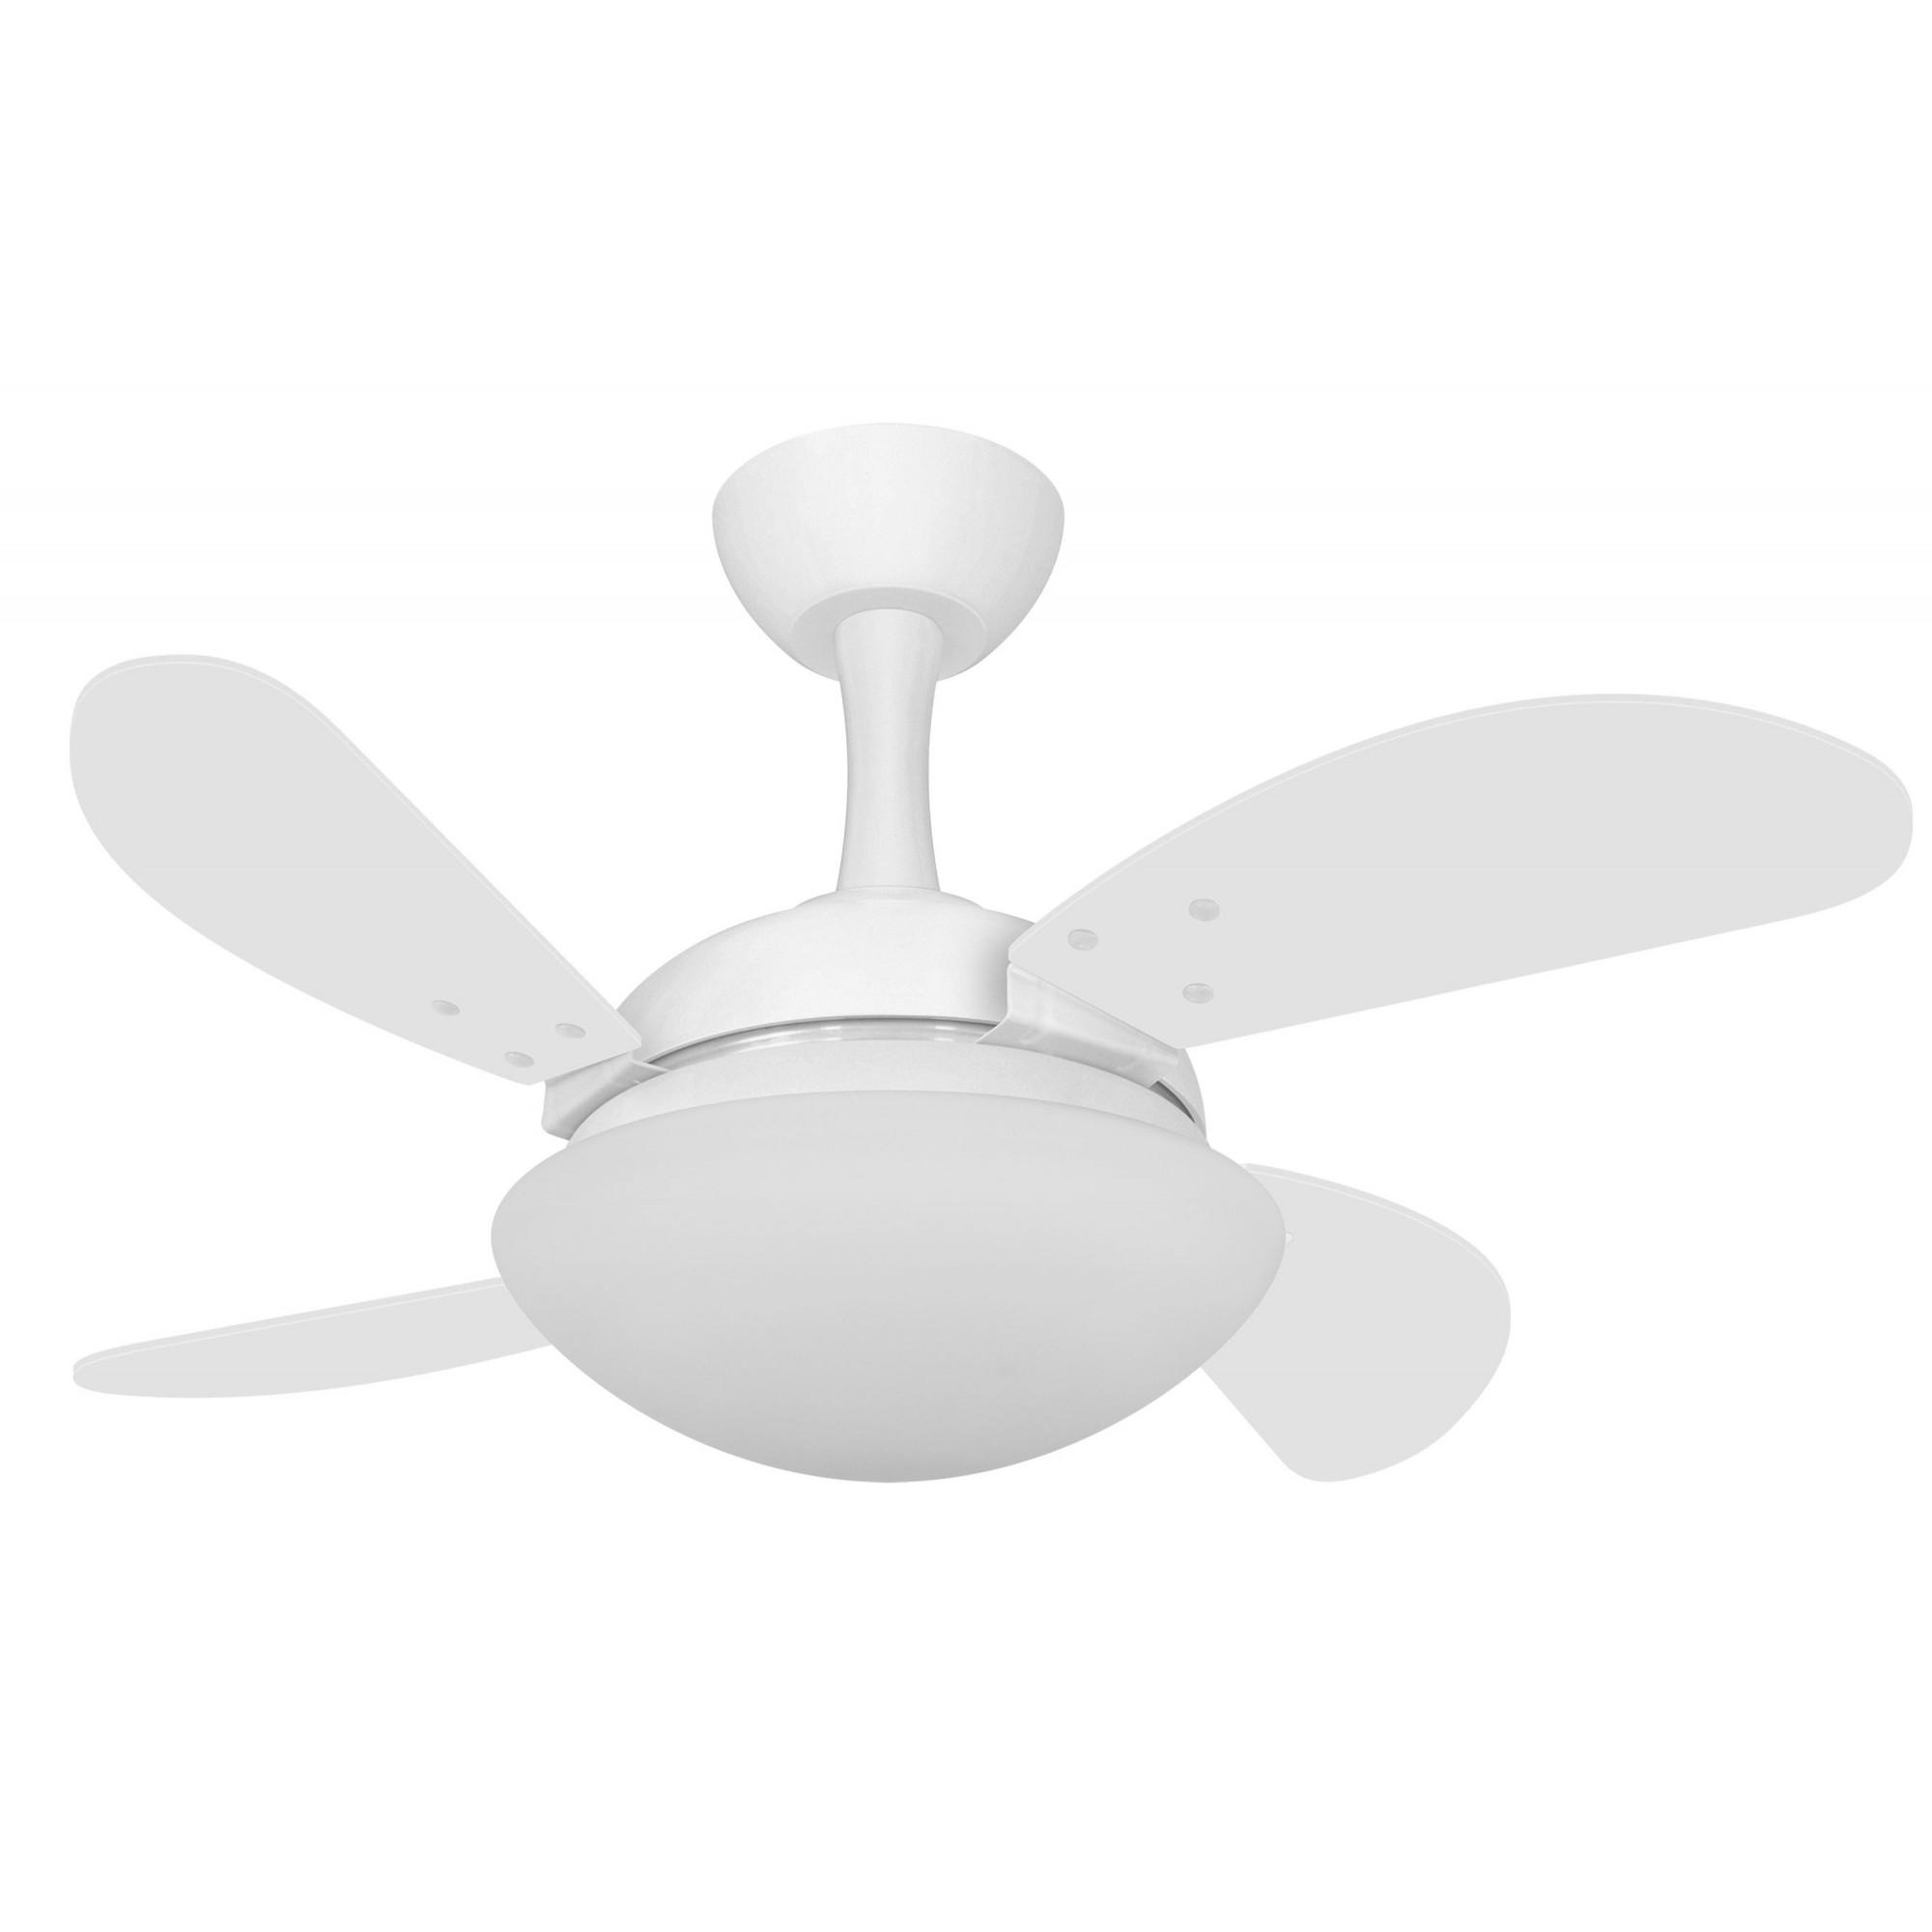 Ventilador de Teto Due Mini Fly Branco 4 Pás de MDF 110V